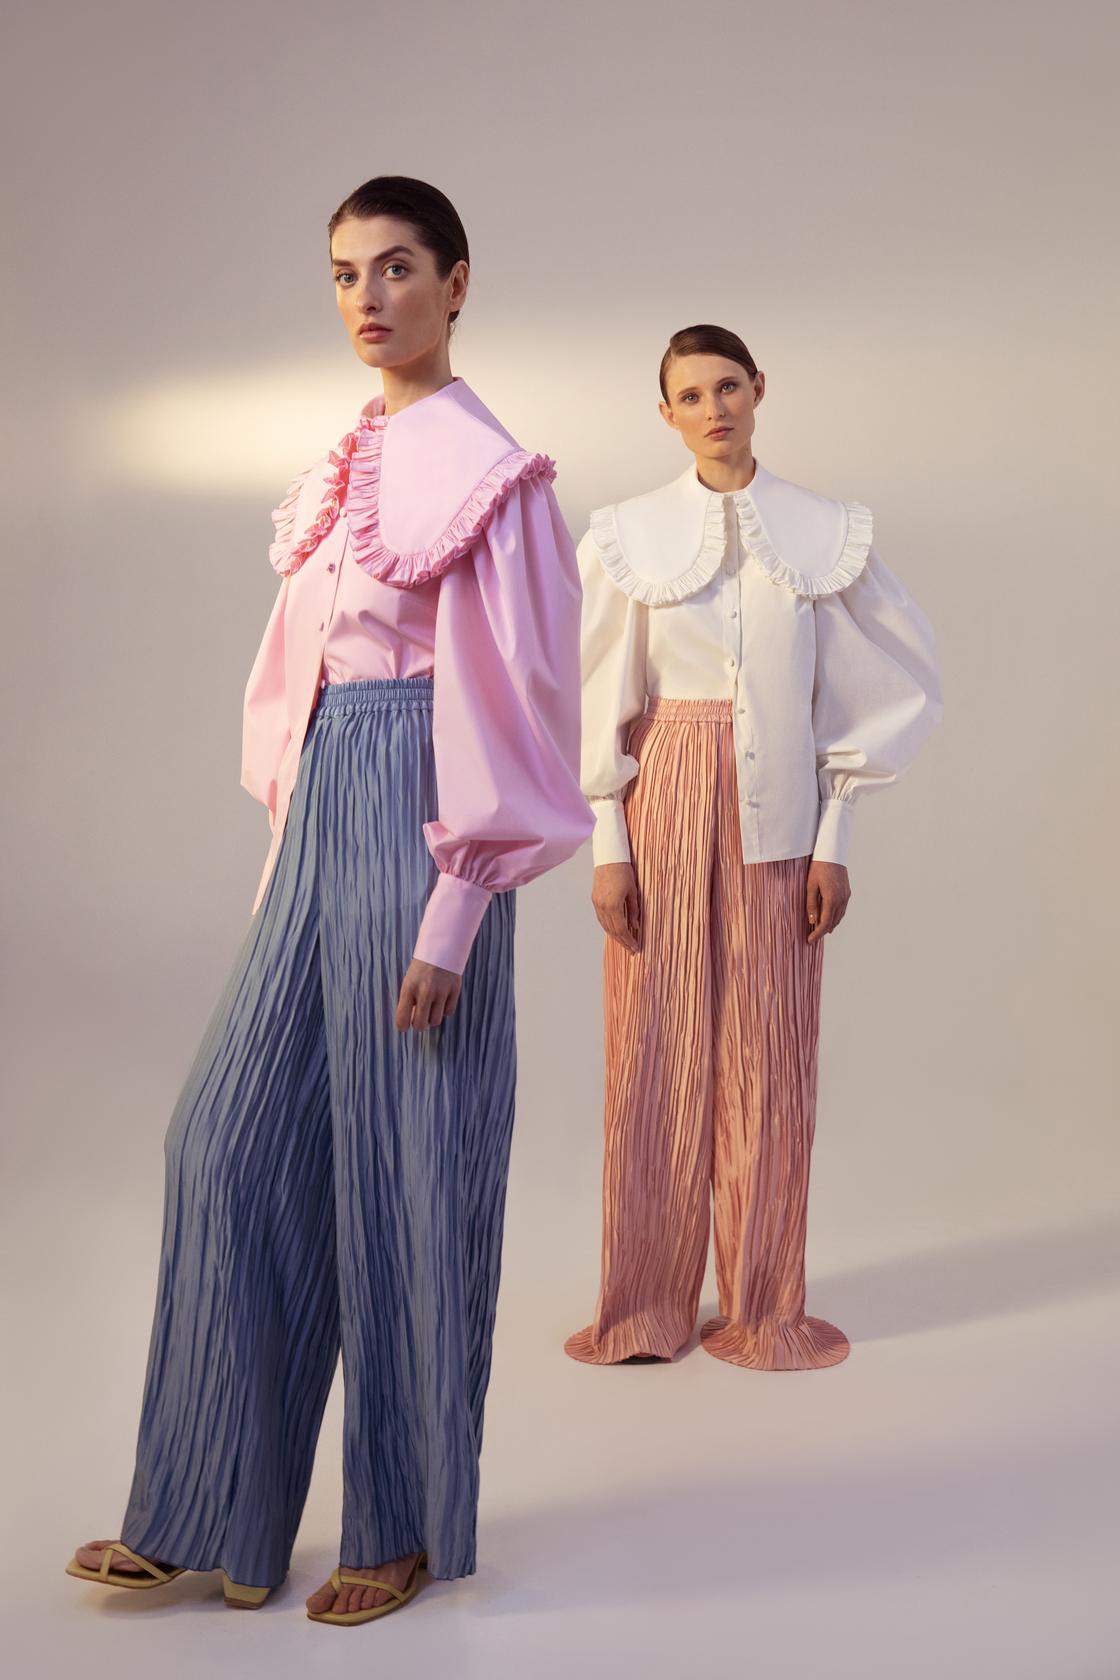 Платья-оригами и стежка в осенней коллекции J'amemme-Фото 7